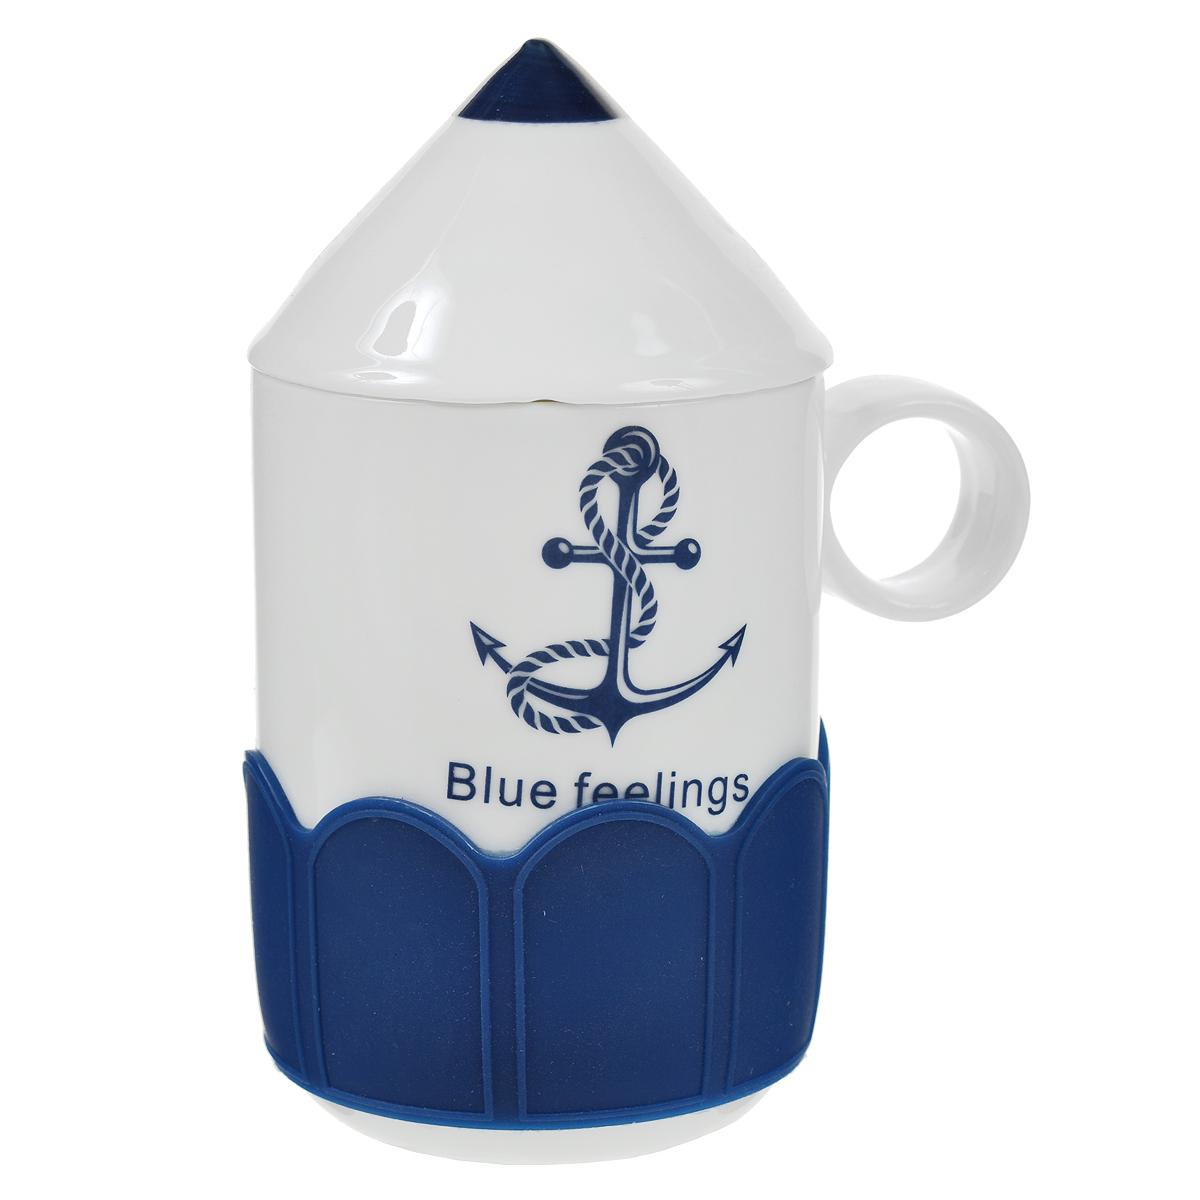 Кружка Карандаш. Якорь, с крышкой, цвет: белый, синий. 003104003104Оригинальная кружка Карандаш, выполненная из керамики, станет отличным подарком для человека, ценящего забавные и практичные подарки. Кружка выполнена в виде карандаша. Оснащенная удобной керамической крышкой, кружка превосходно сохраняет температуру напитка, а силиконовый ободок добавит комфорта при чаепитии. Такой подарок станет не только приятным, но и практичным сувениром: кружка станет незаменимым атрибутом чаепития, а оригинальный дизайн вызовет улыбку. Характеристики:Материал:керамика, силикон. Высота кружки (без учета крышки):10 см. Диаметр по верхнему краю:7 см. Размер упаковки:10,5 см х 8 см х 12 см. Артикул: 003104.